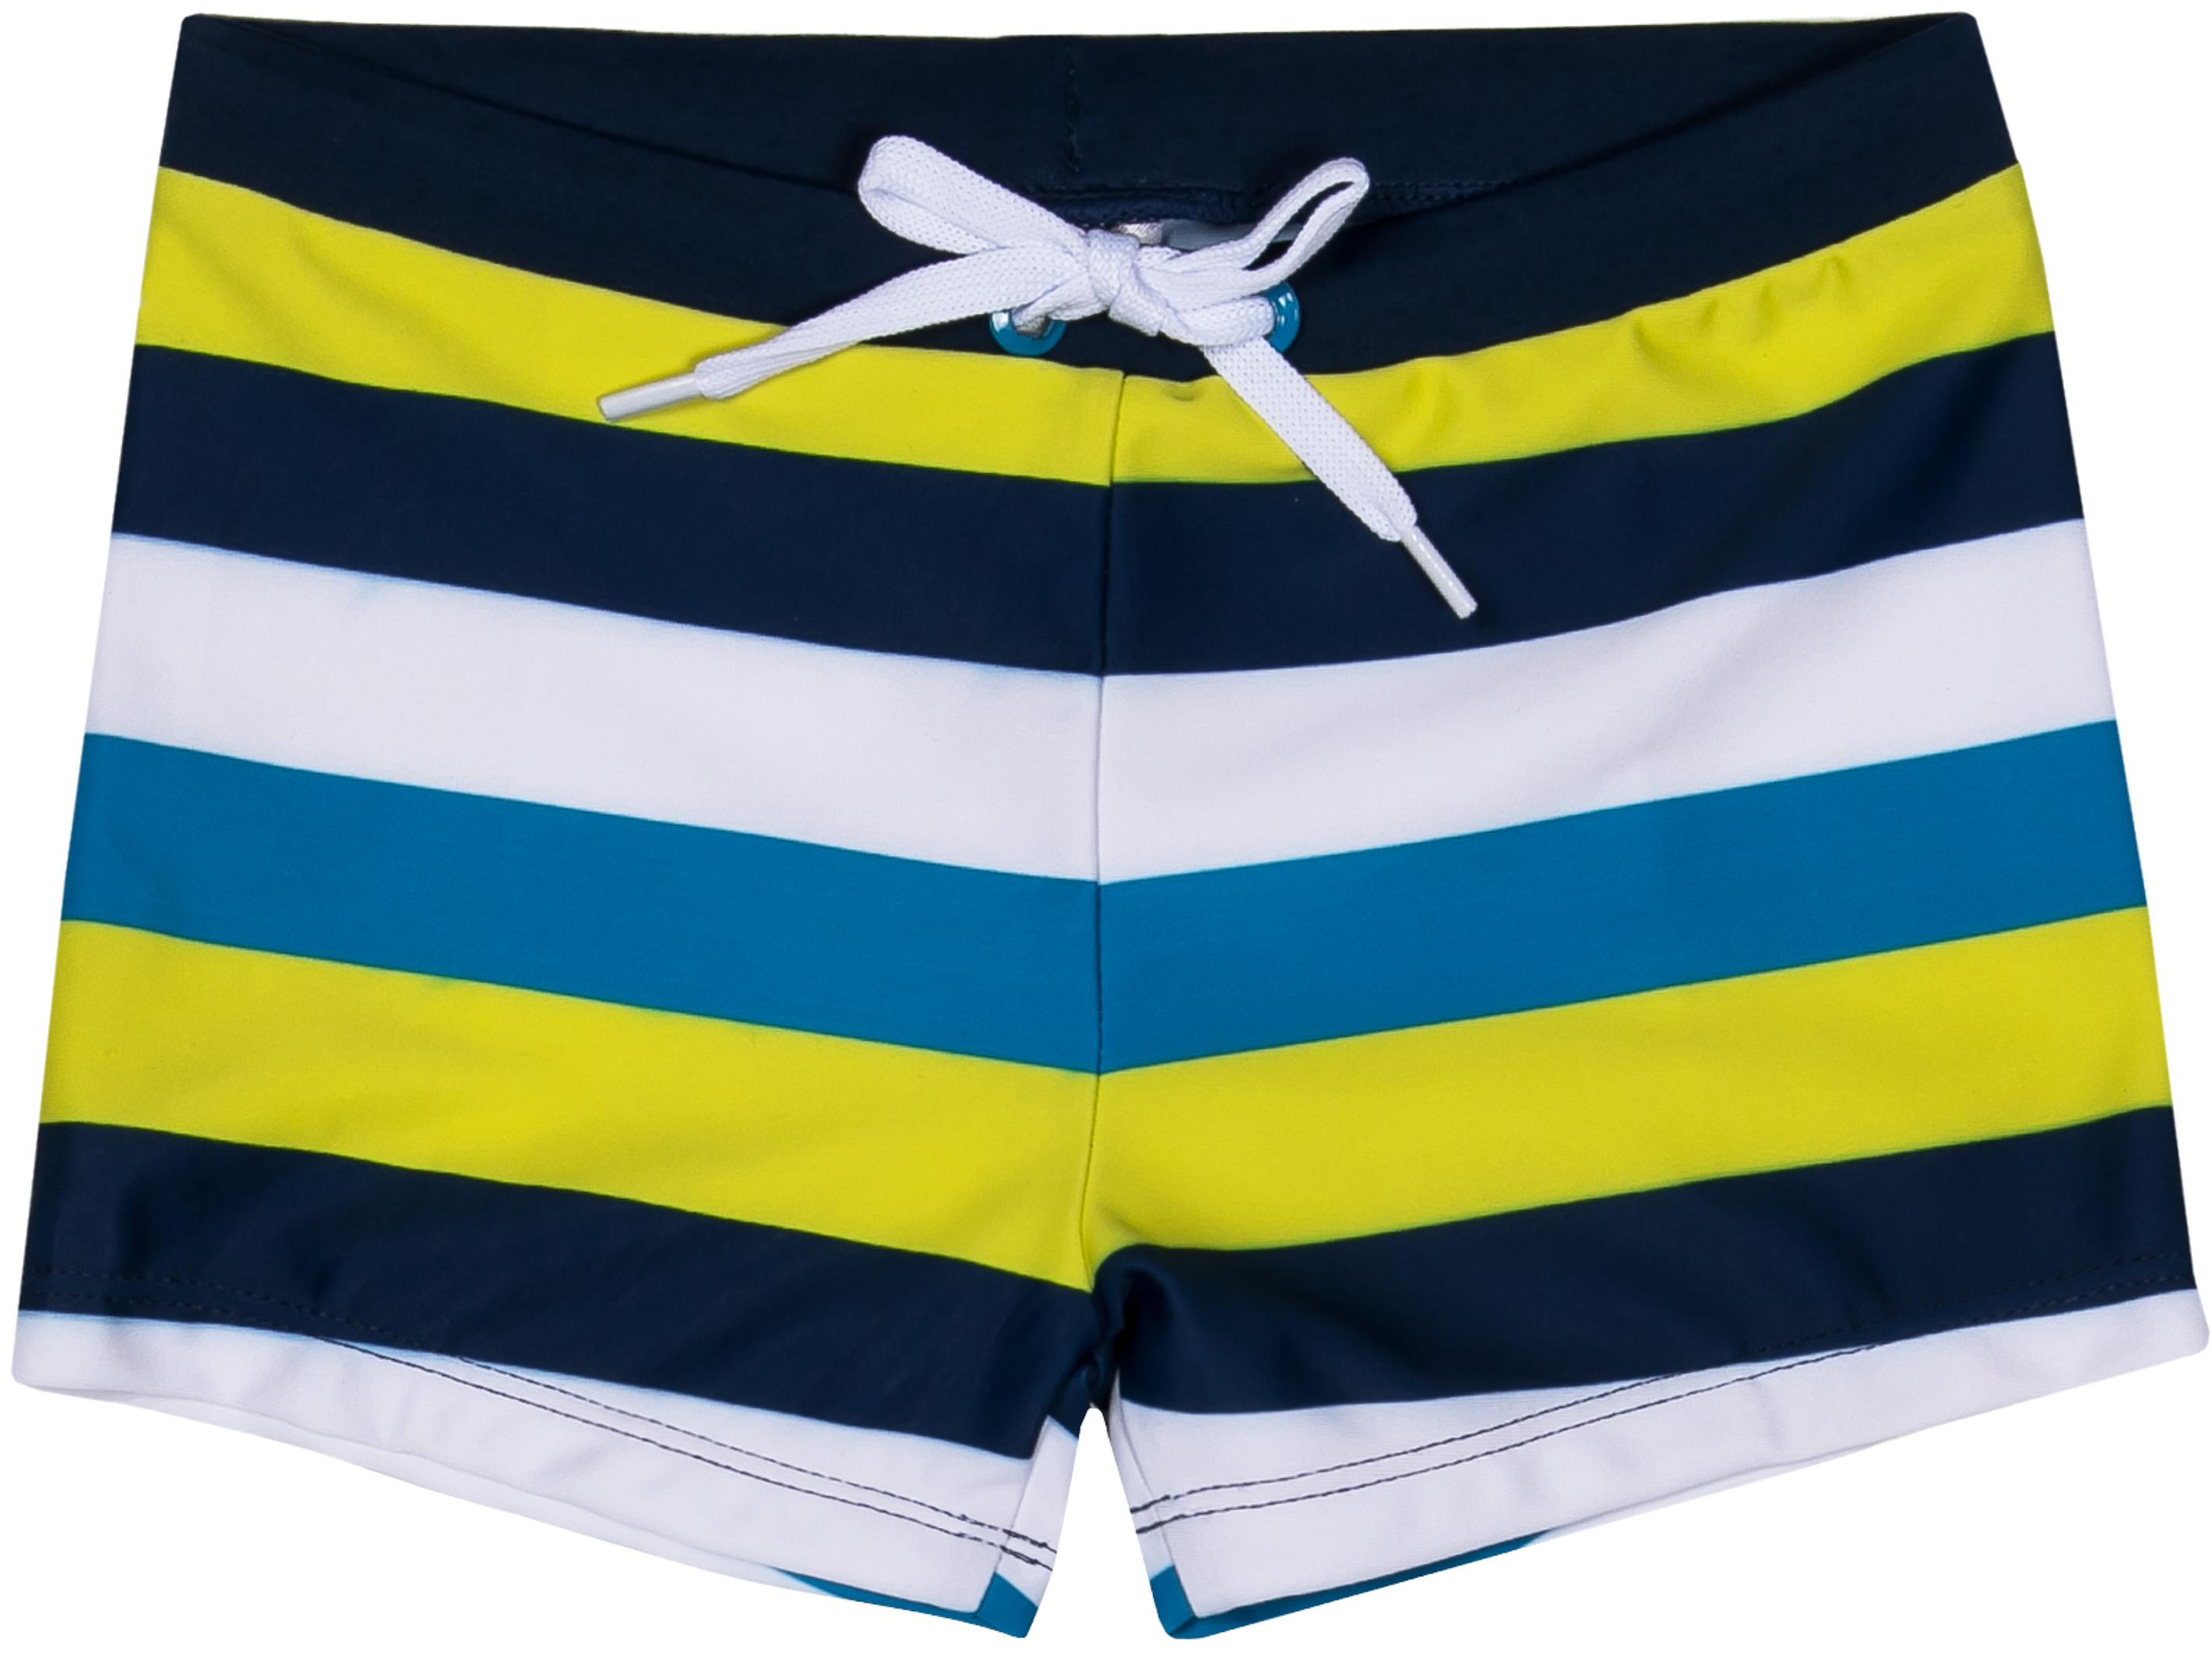 Купить Купальники и плавки, Пляж SS18 белые с рисунком в полоску, Barkito, Китай, белый с рисунком в полоску, Мужской